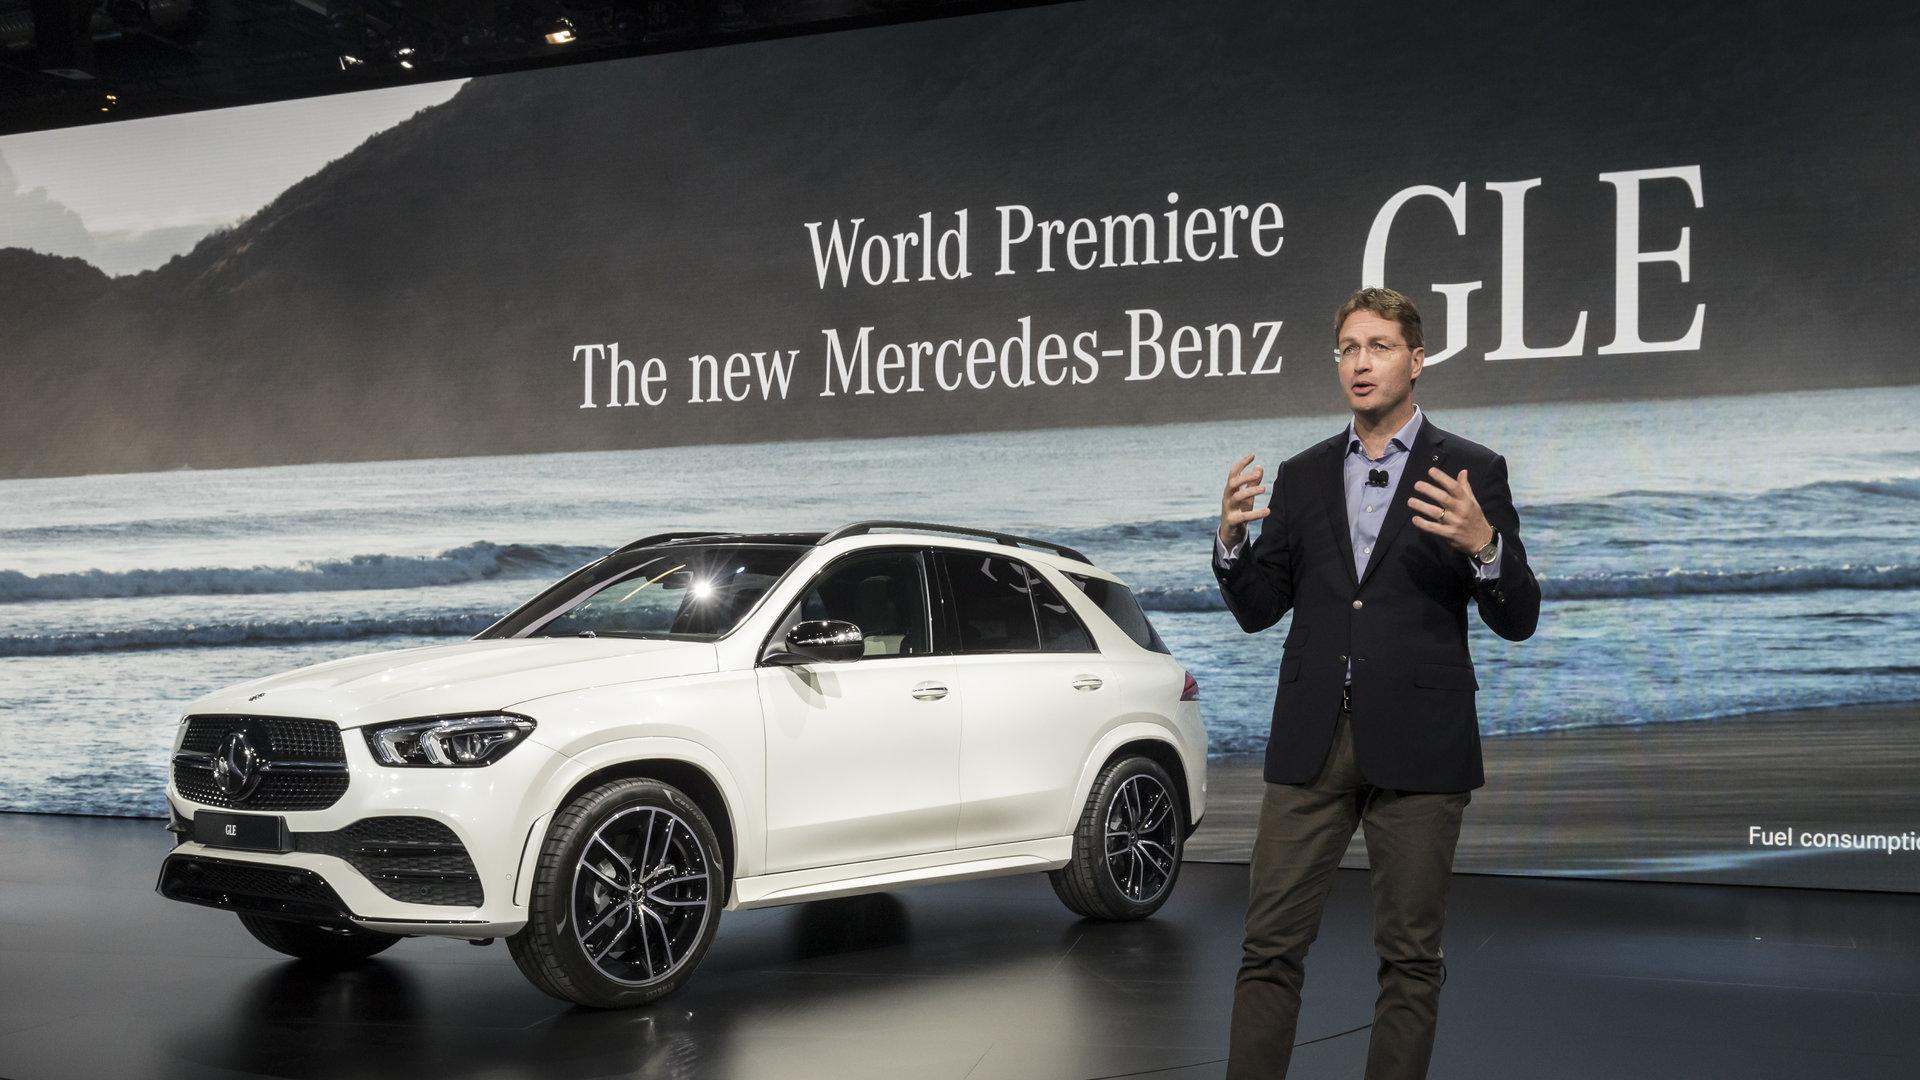 Ola Källenius 2018 Mercedes GLE